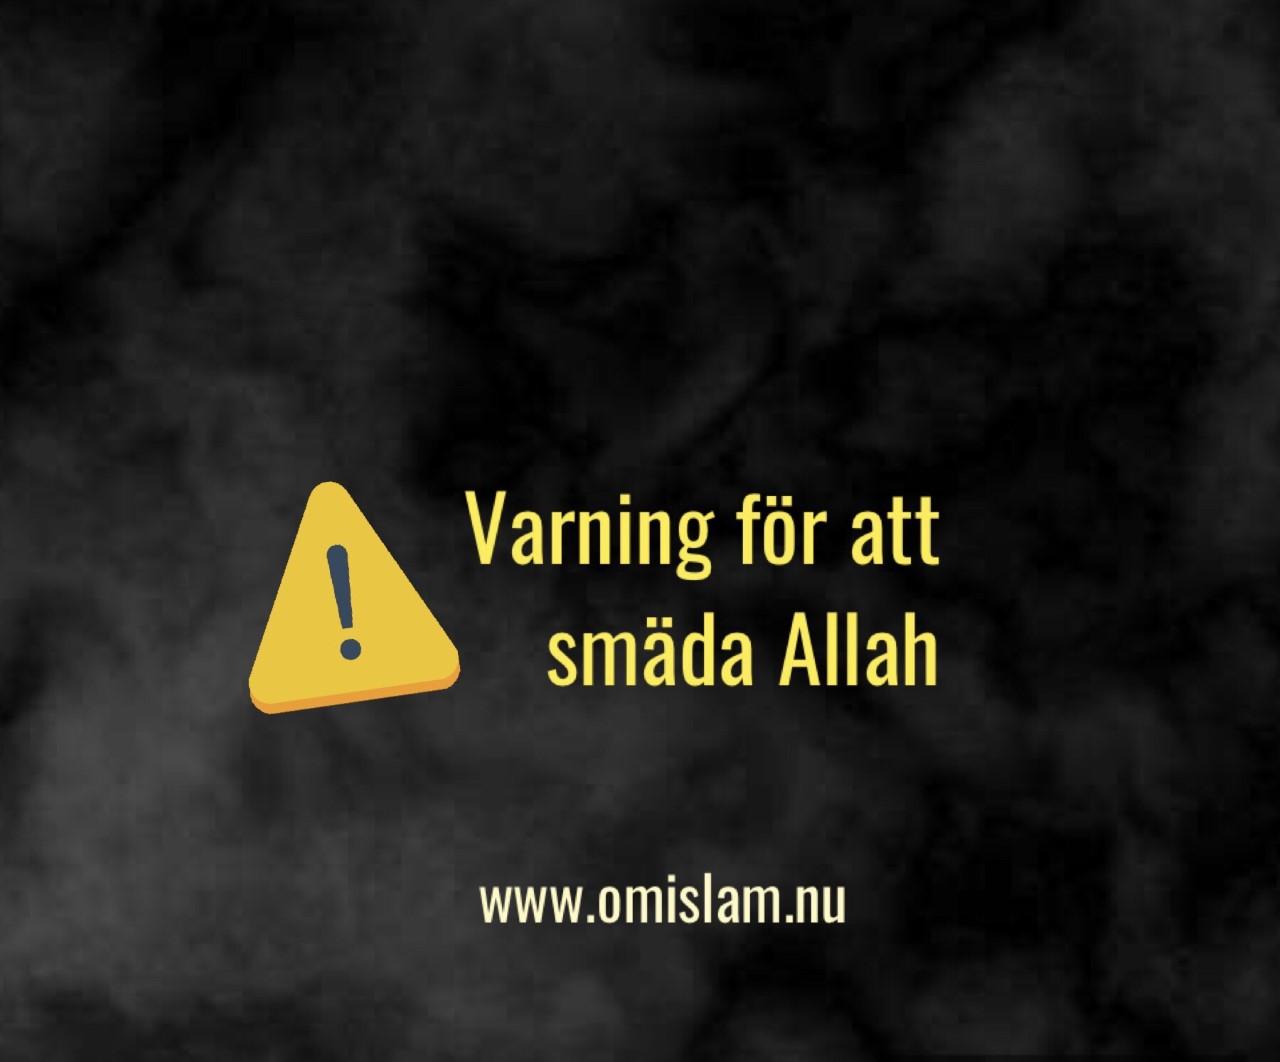 varning för att smäda Allah